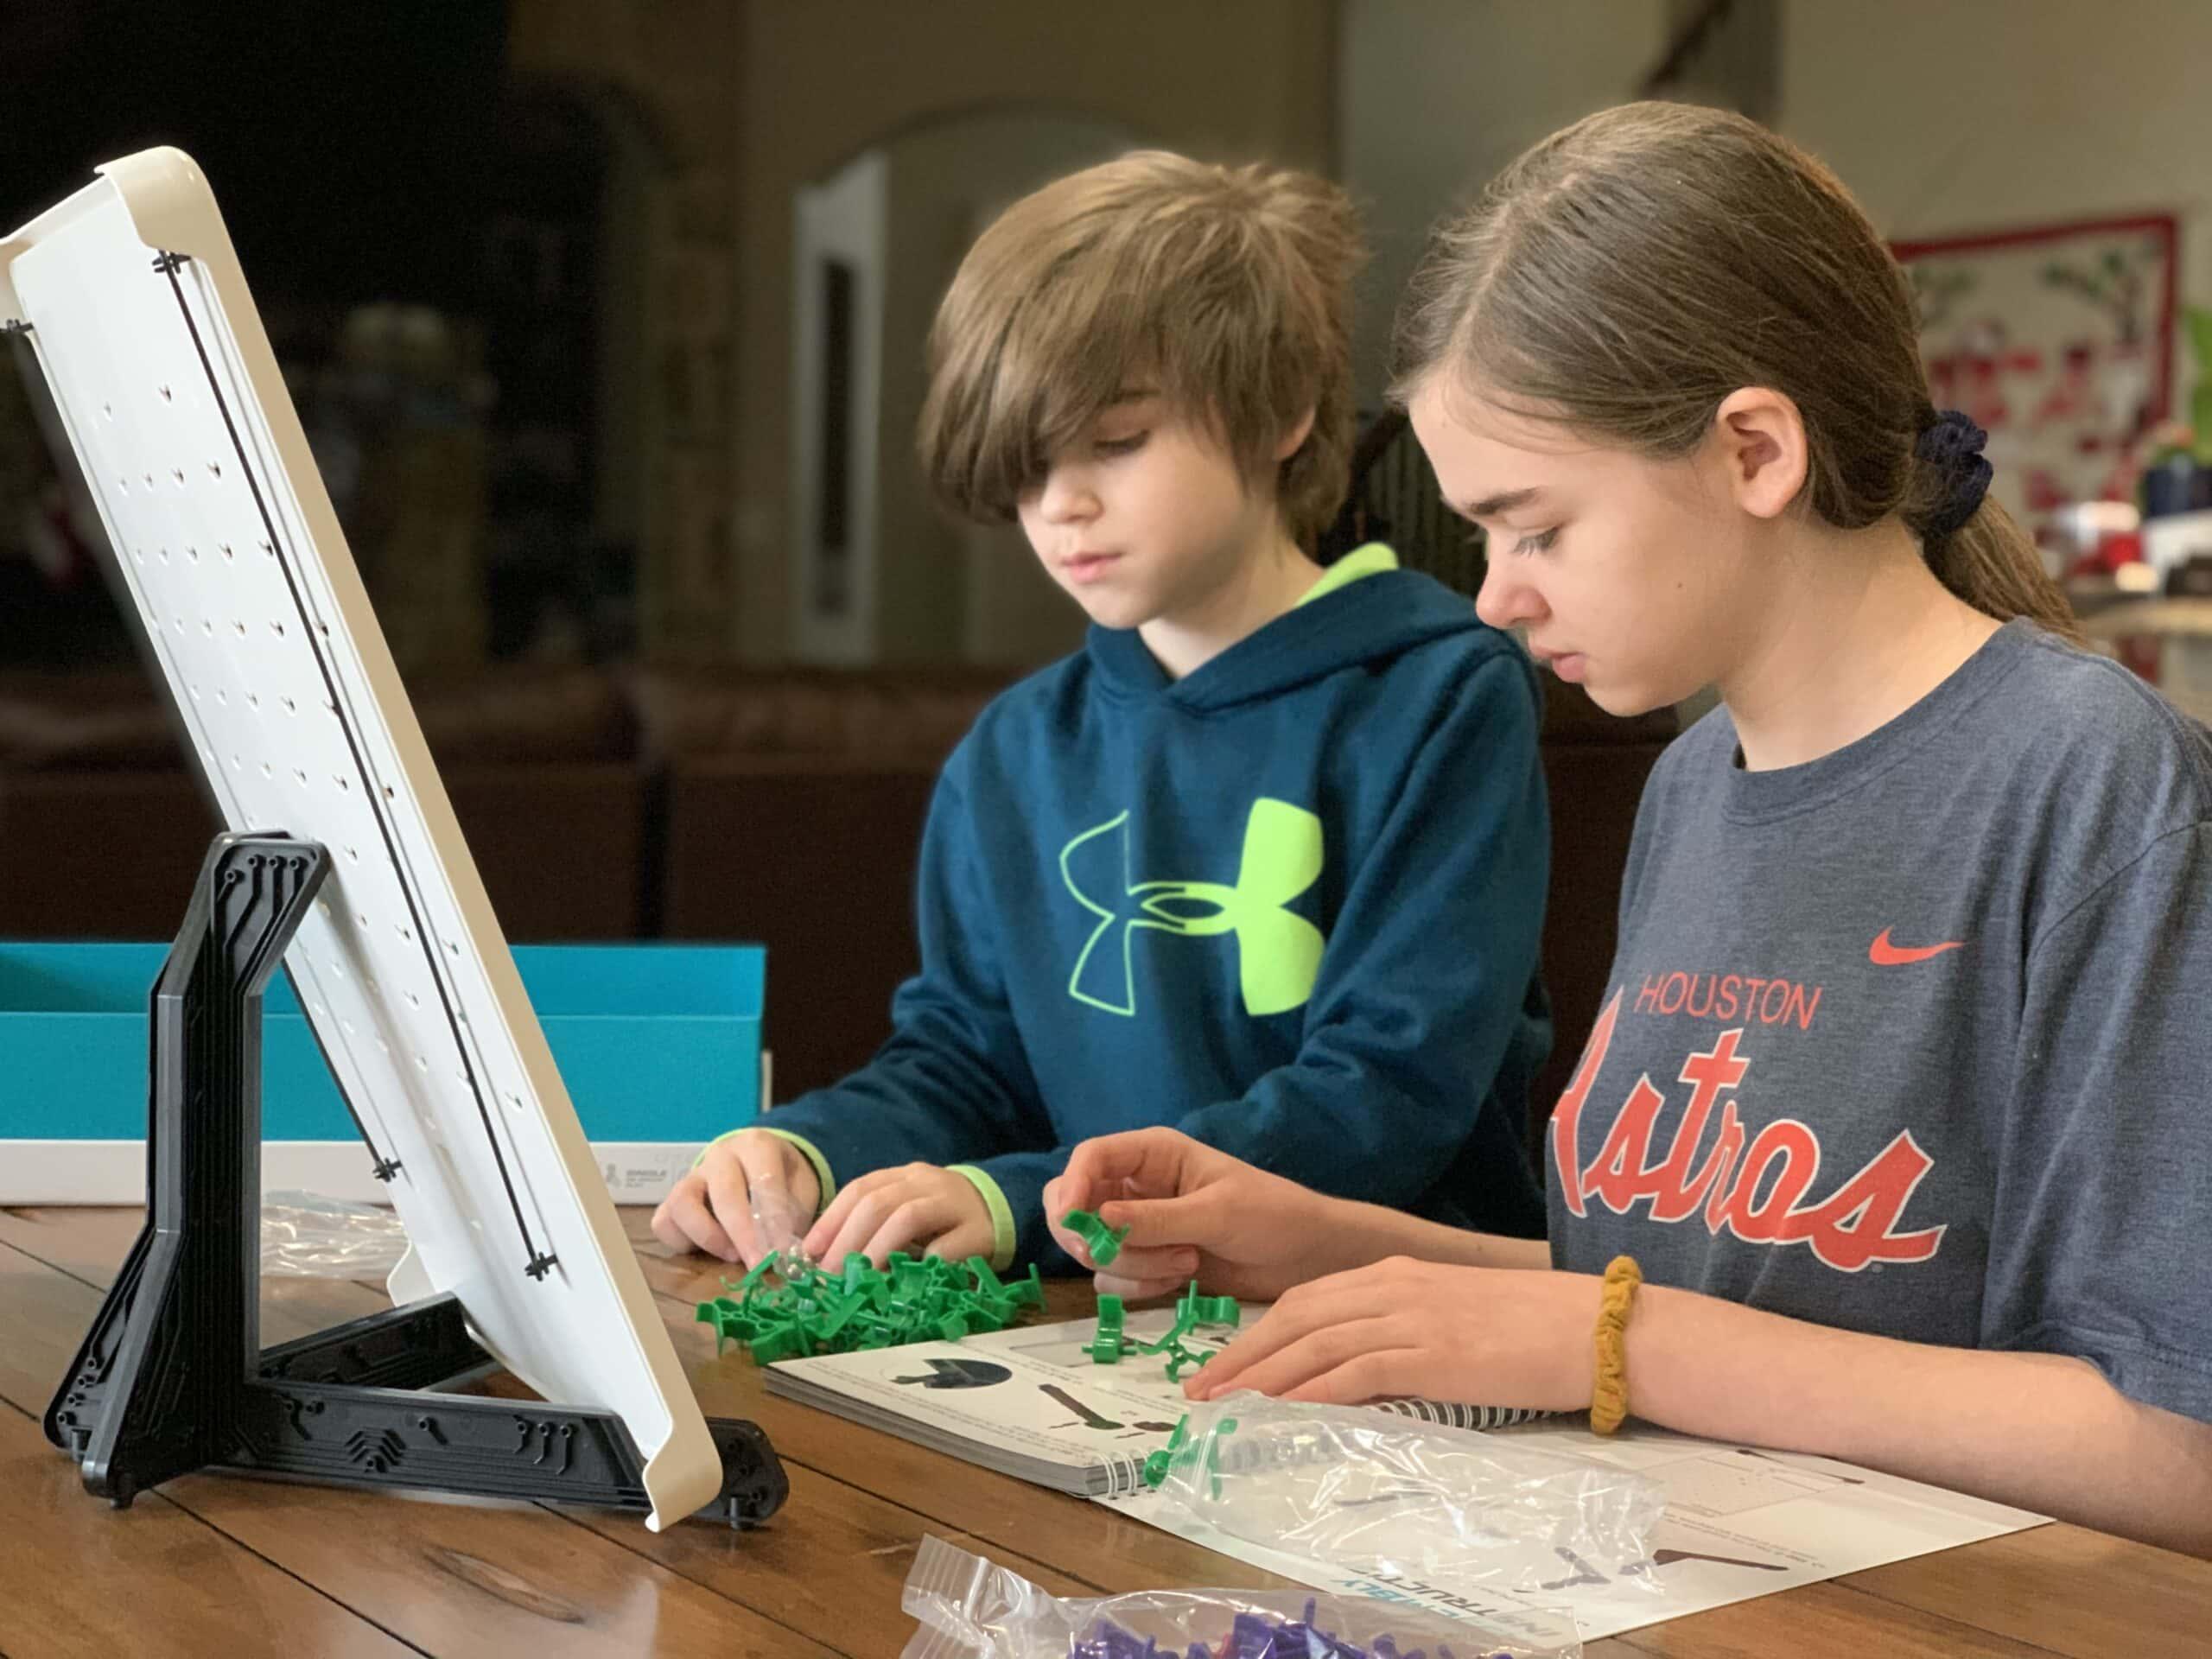 Kids playing Turing Tumble